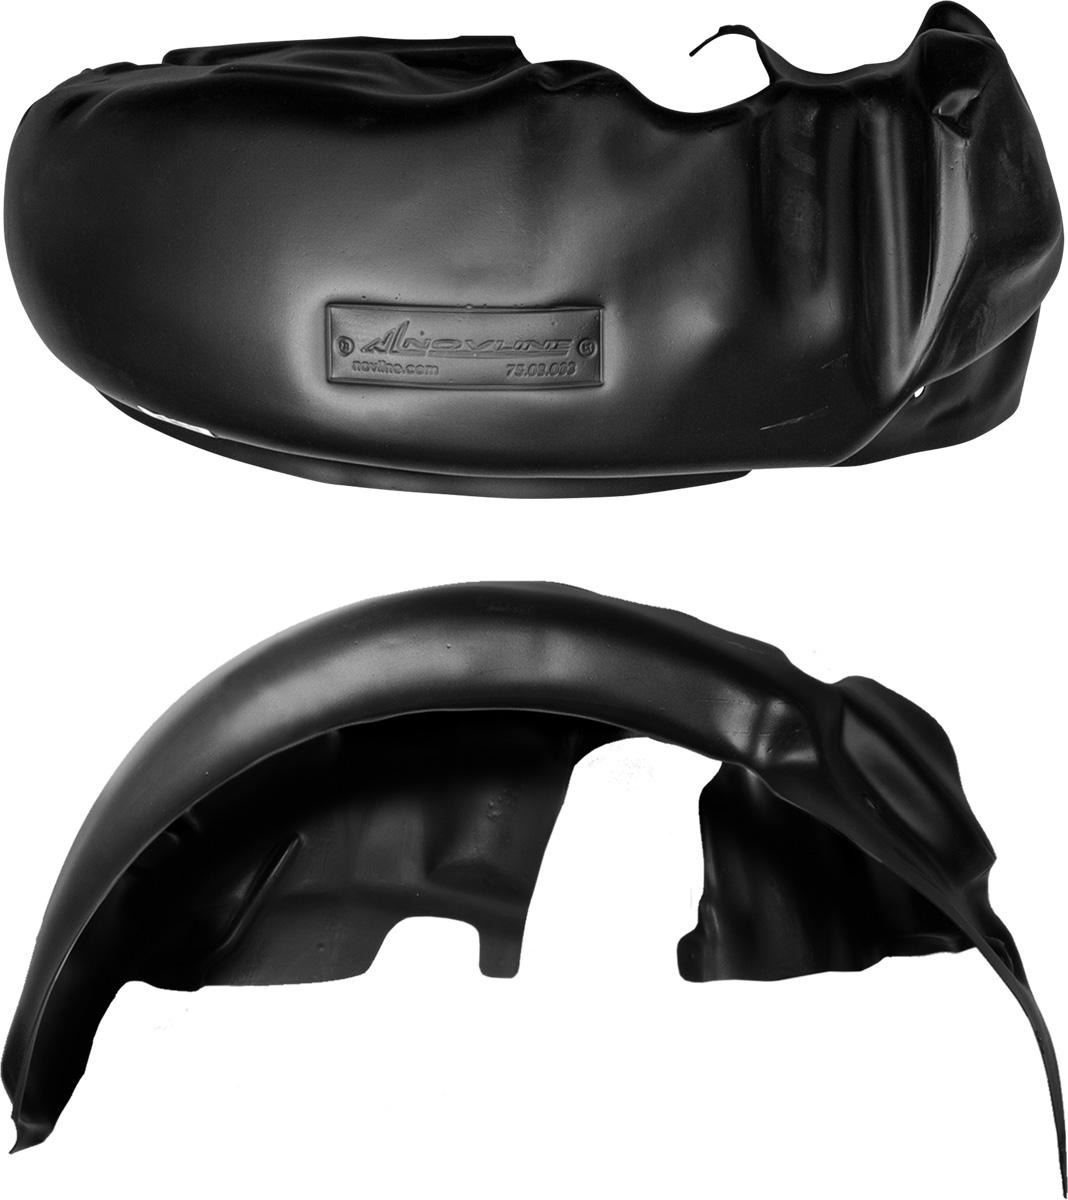 Подкрылок DAEWOO Matiz 2005->, задний левый1903Колесные ниши – одни из самых уязвимых зон днища вашего автомобиля. Они постоянно подвергаются воздействию со стороны дороги. Лучшая, почти абсолютная защита для них - специально отформованные пластиковые кожухи, которые называются подкрылками, или локерами. Производятся они как для отечественных моделей автомобилей, так и для иномарок. Подкрылки выполнены из высококачественного, экологически чистого пластика. Обеспечивают надежную защиту кузова автомобиля от пескоструйного эффекта и негативного влияния, агрессивных антигололедных реагентов. Пластик обладает более низкой теплопроводностью, чем металл, поэтому в зимний период эксплуатации использование пластиковых подкрылков позволяет лучше защитить колесные ниши от налипания снега и образования наледи. Оригинальность конструкции подчеркивает элегантность автомобиля, бережно защищает нанесенное на днище кузова антикоррозийное покрытие и позволяет осуществить крепление подкрылков внутри колесной арки практически без дополнительного...